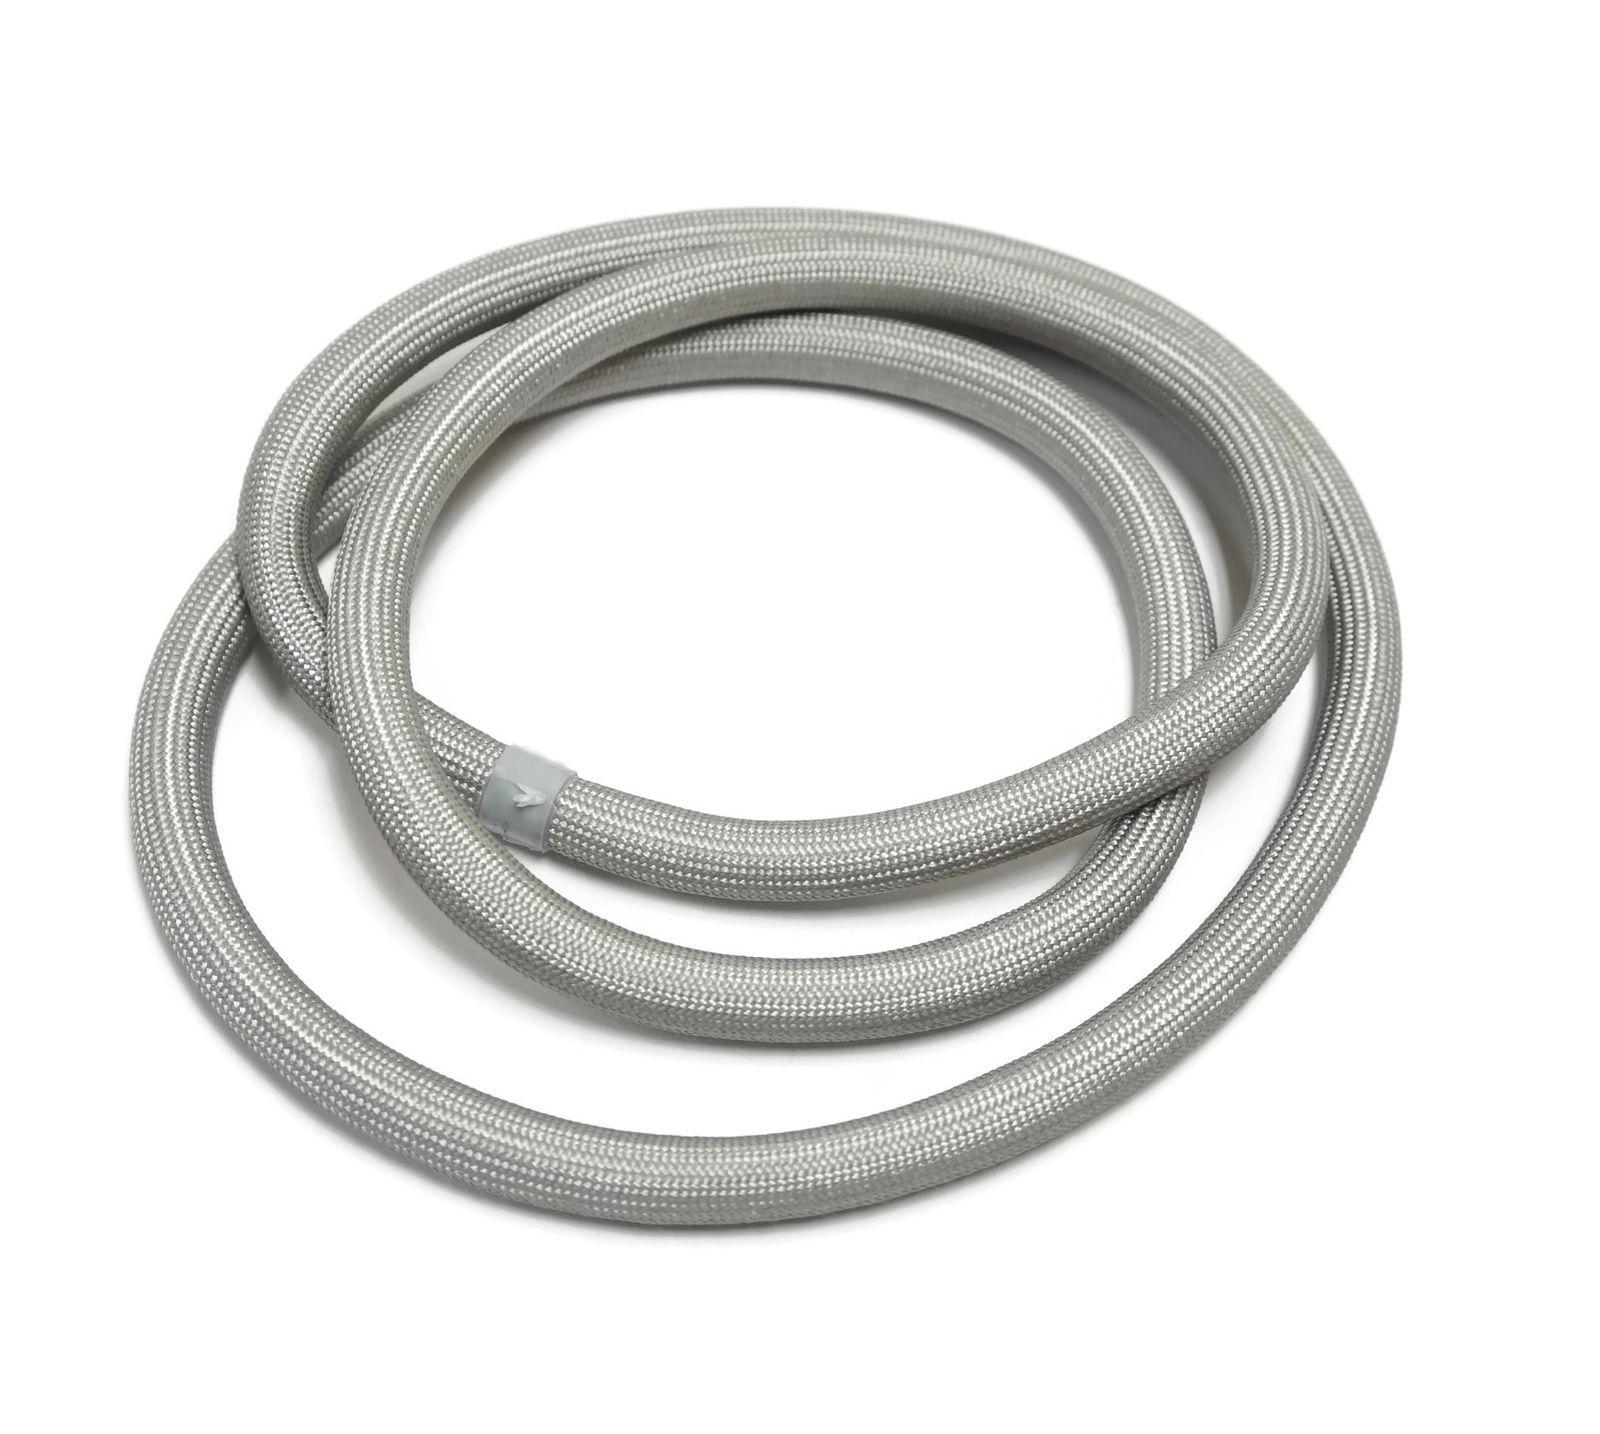 Whirlpool W10906683 Dryer Door Seal New Oem Door Seals Whirlpool Parts And Accessories